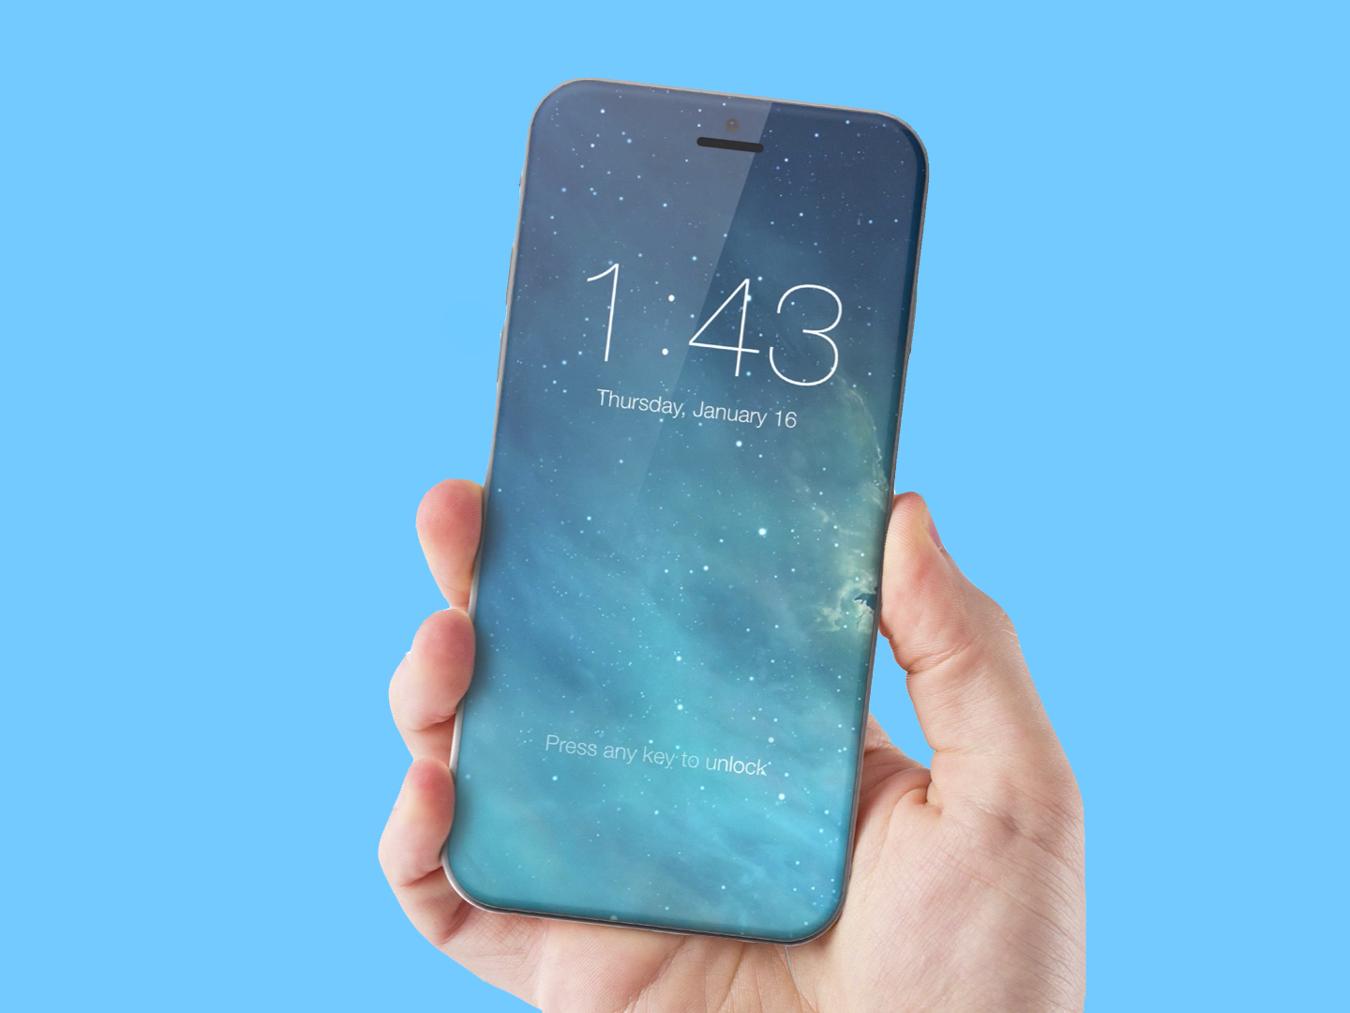 Apple sľubuje revolučný iPhone v roku 2017